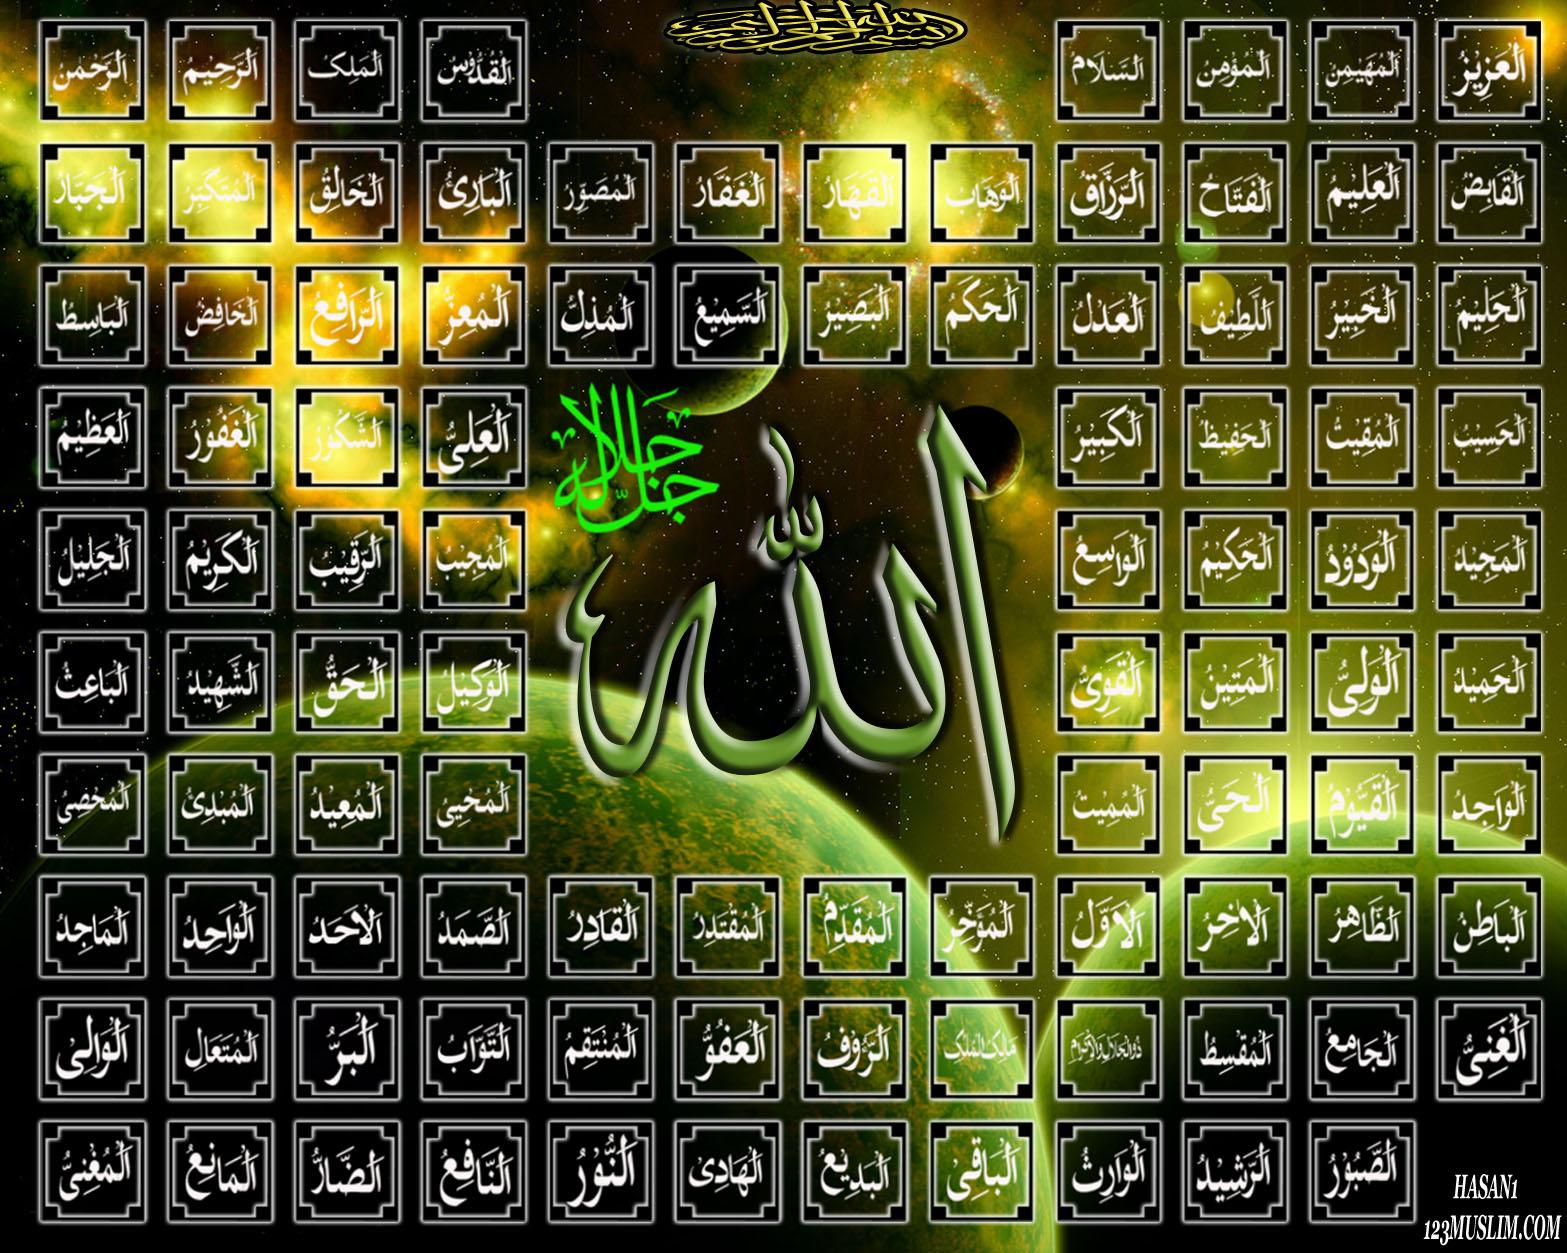 http://3.bp.blogspot.com/-RTw7teqhwNI/UJIujZN5DWI/AAAAAAAAAX8/nyi89Ugl0sE/s1600/Allah99Names.jpg